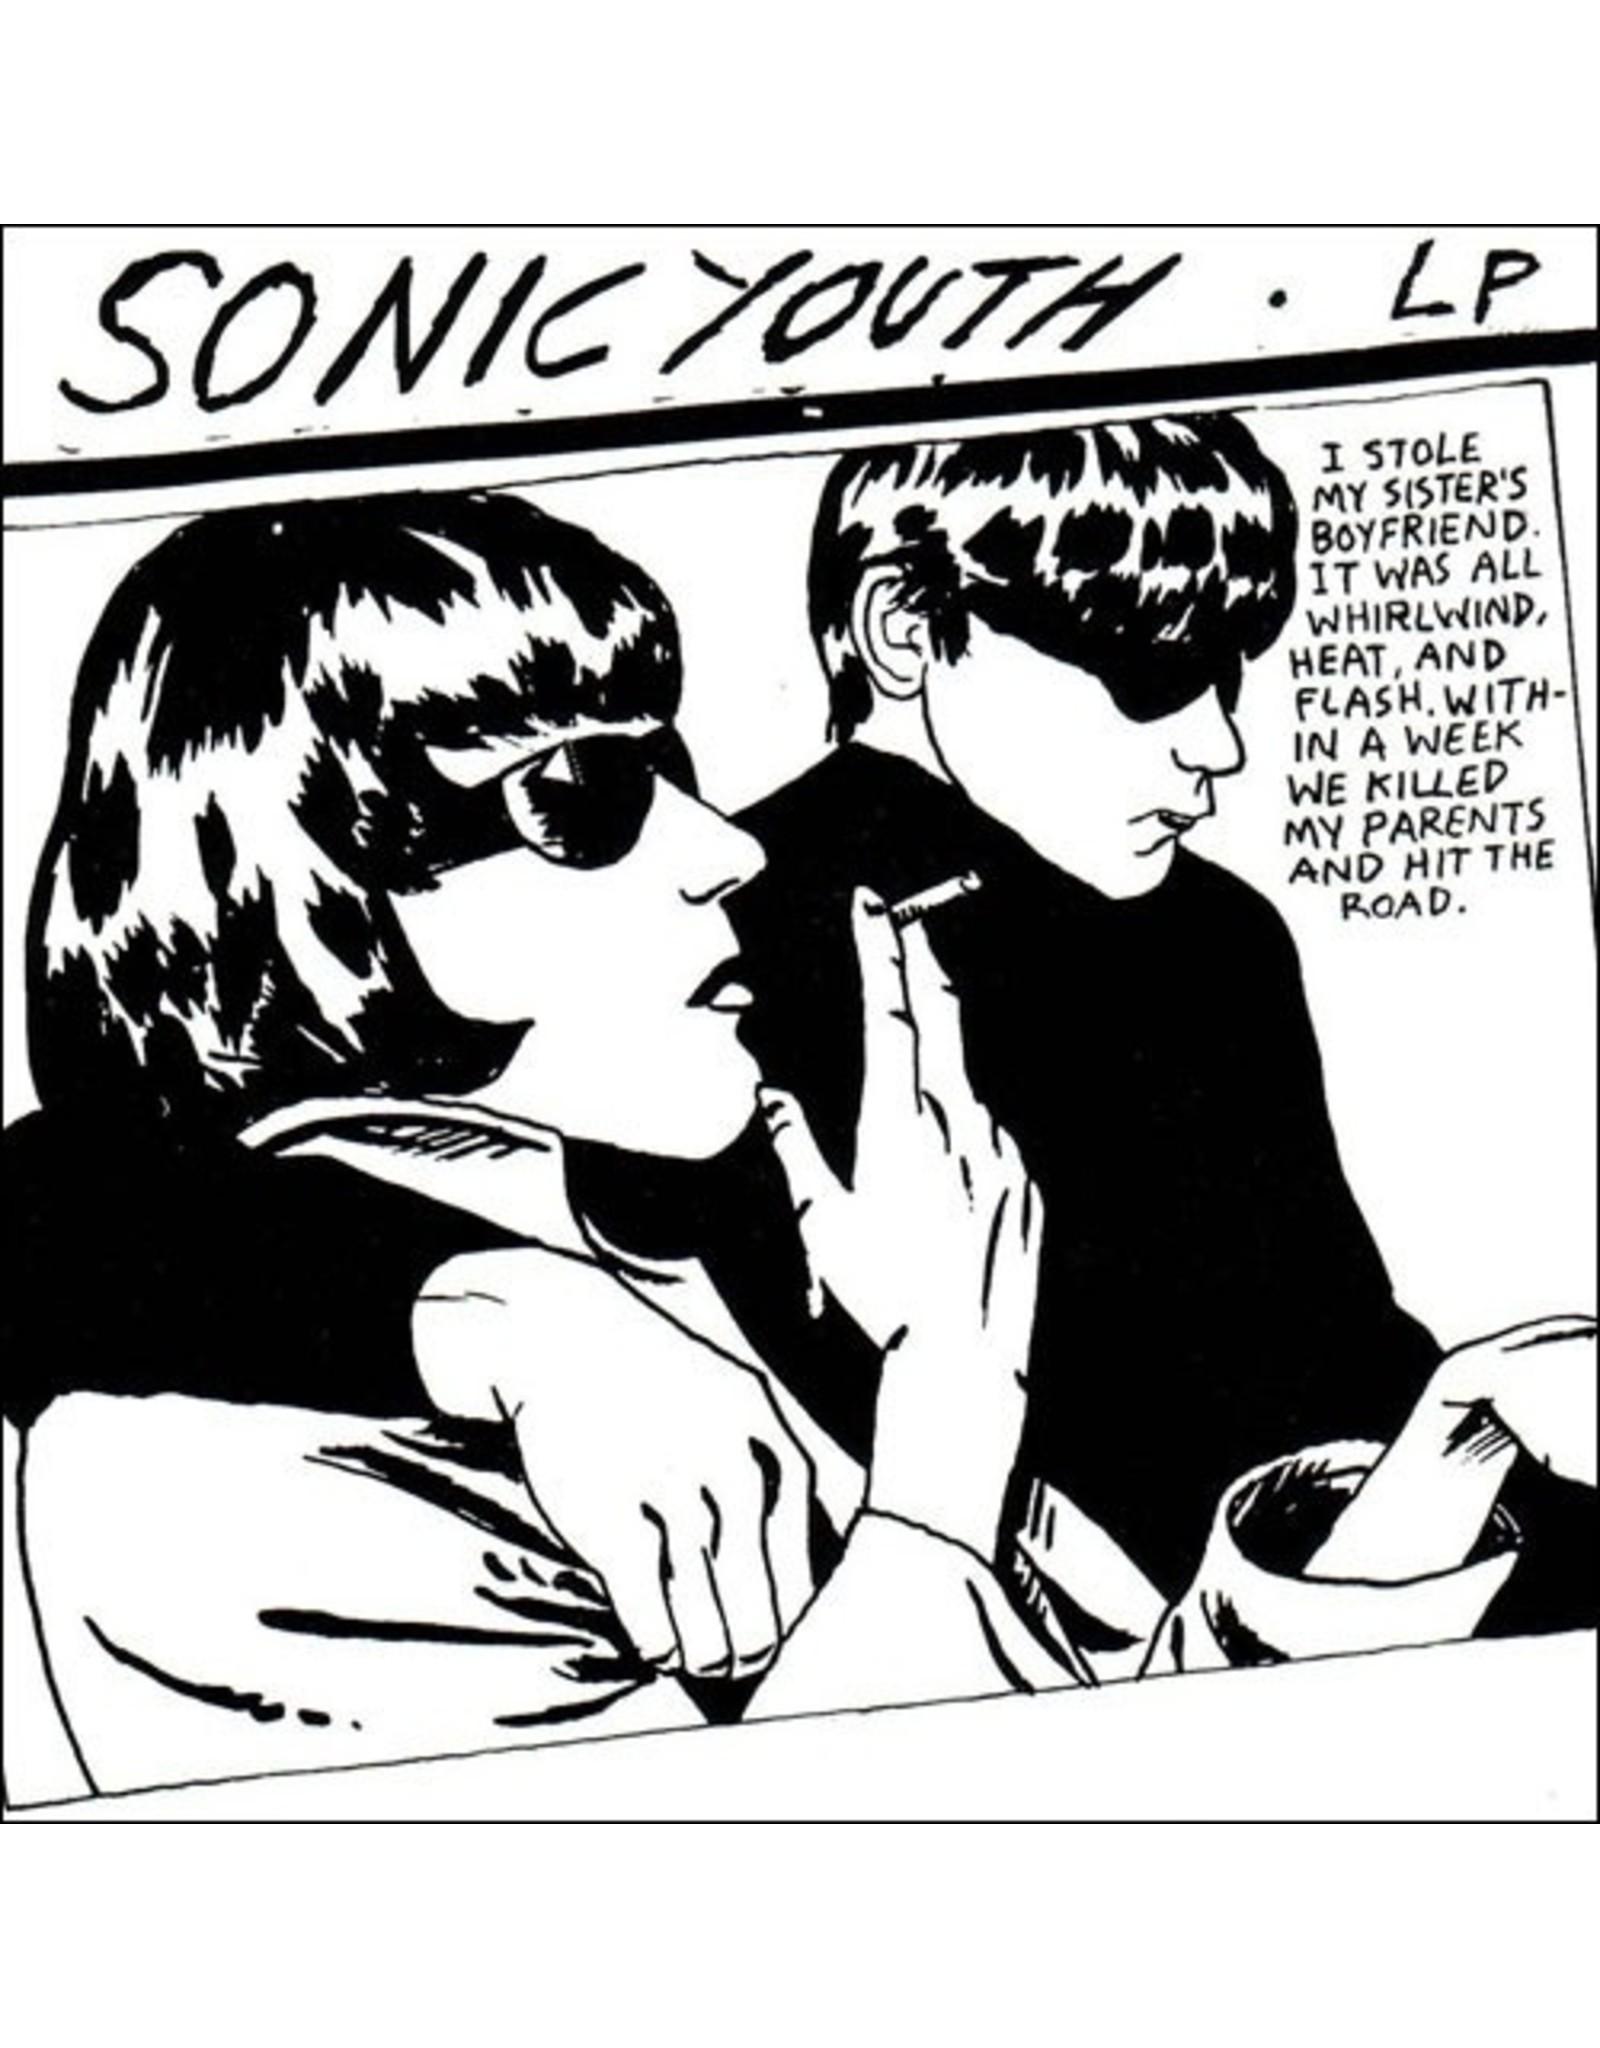 New Vinyl Sonic Youth - Goo LP